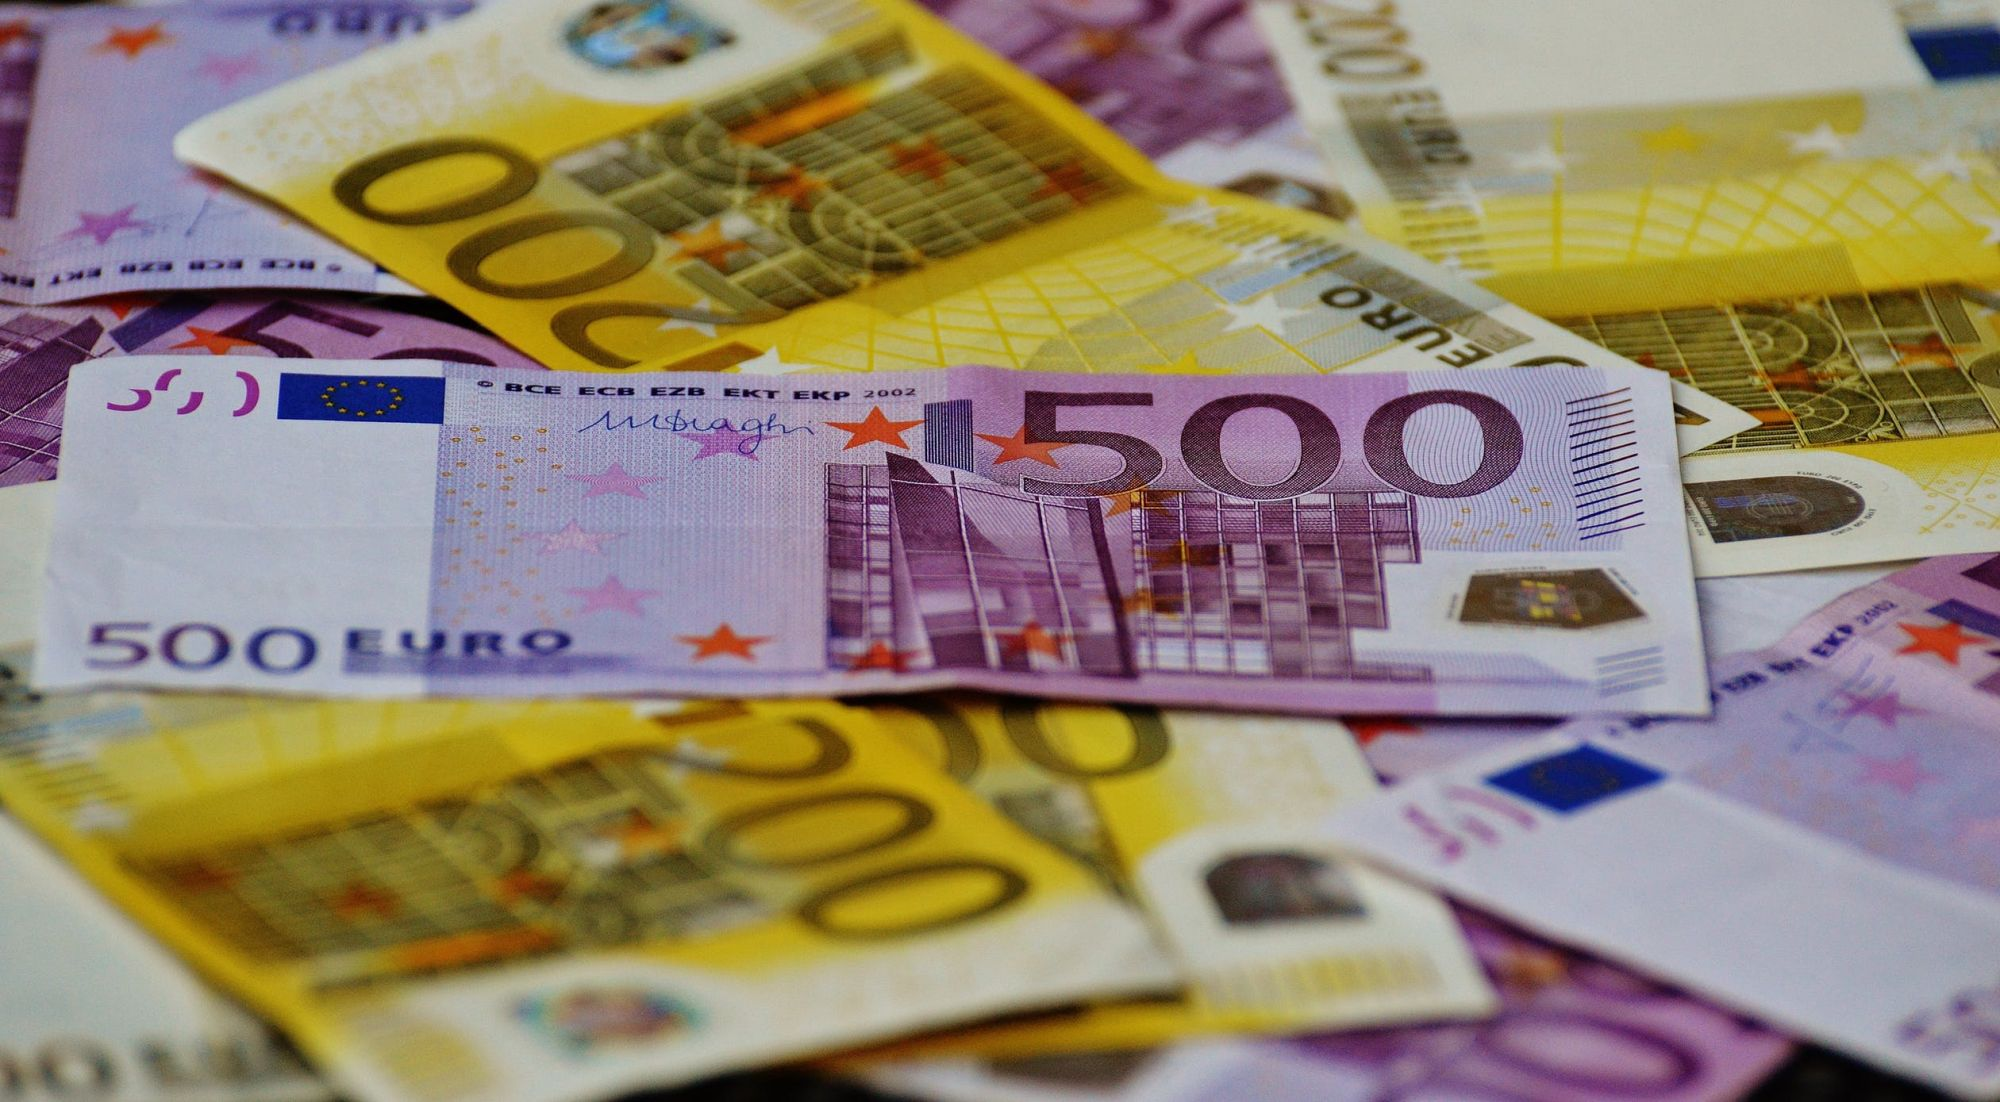 Trendbreuk in rente persoonlijke lening: de rente stijgt weer